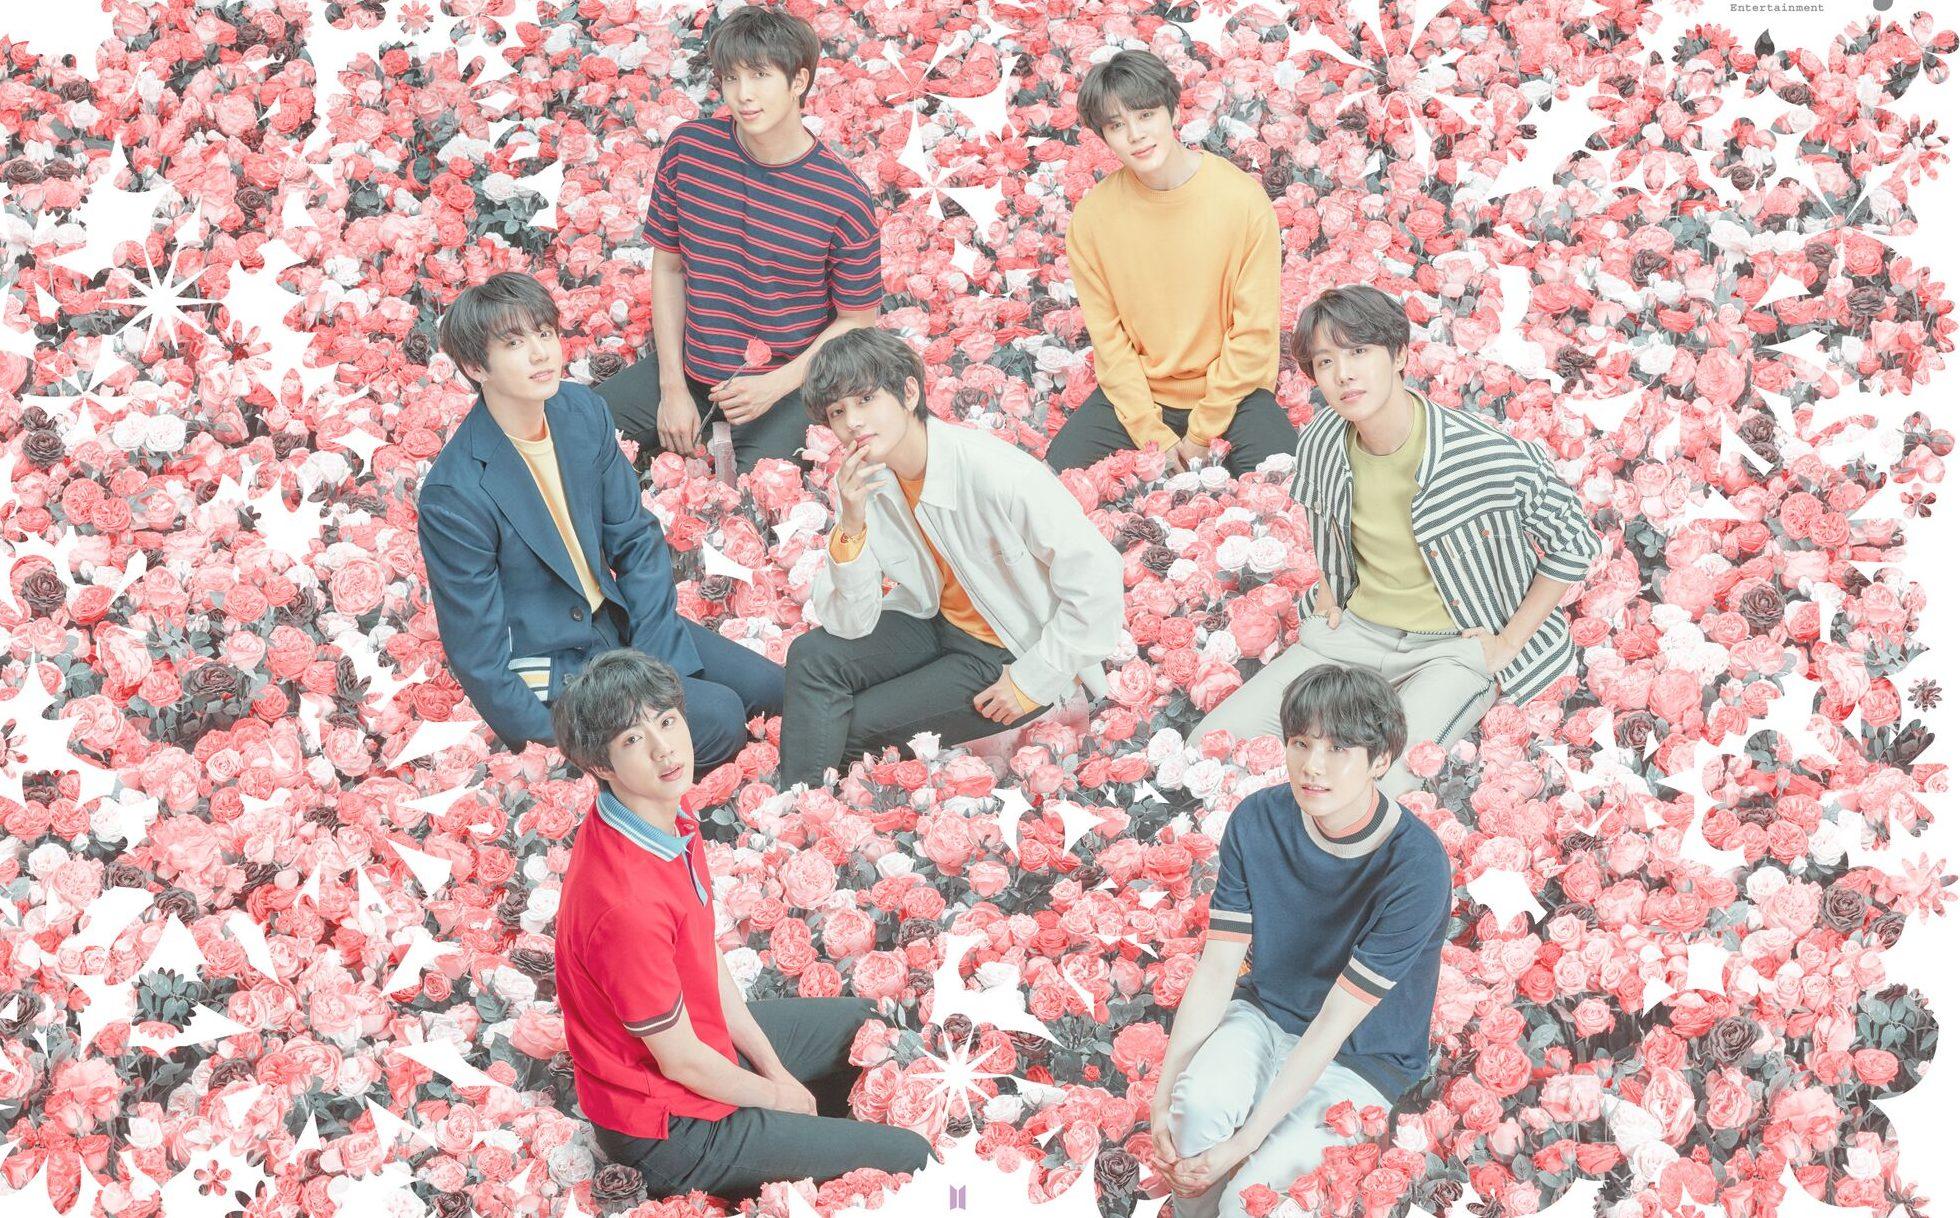 k pop boy band BTS